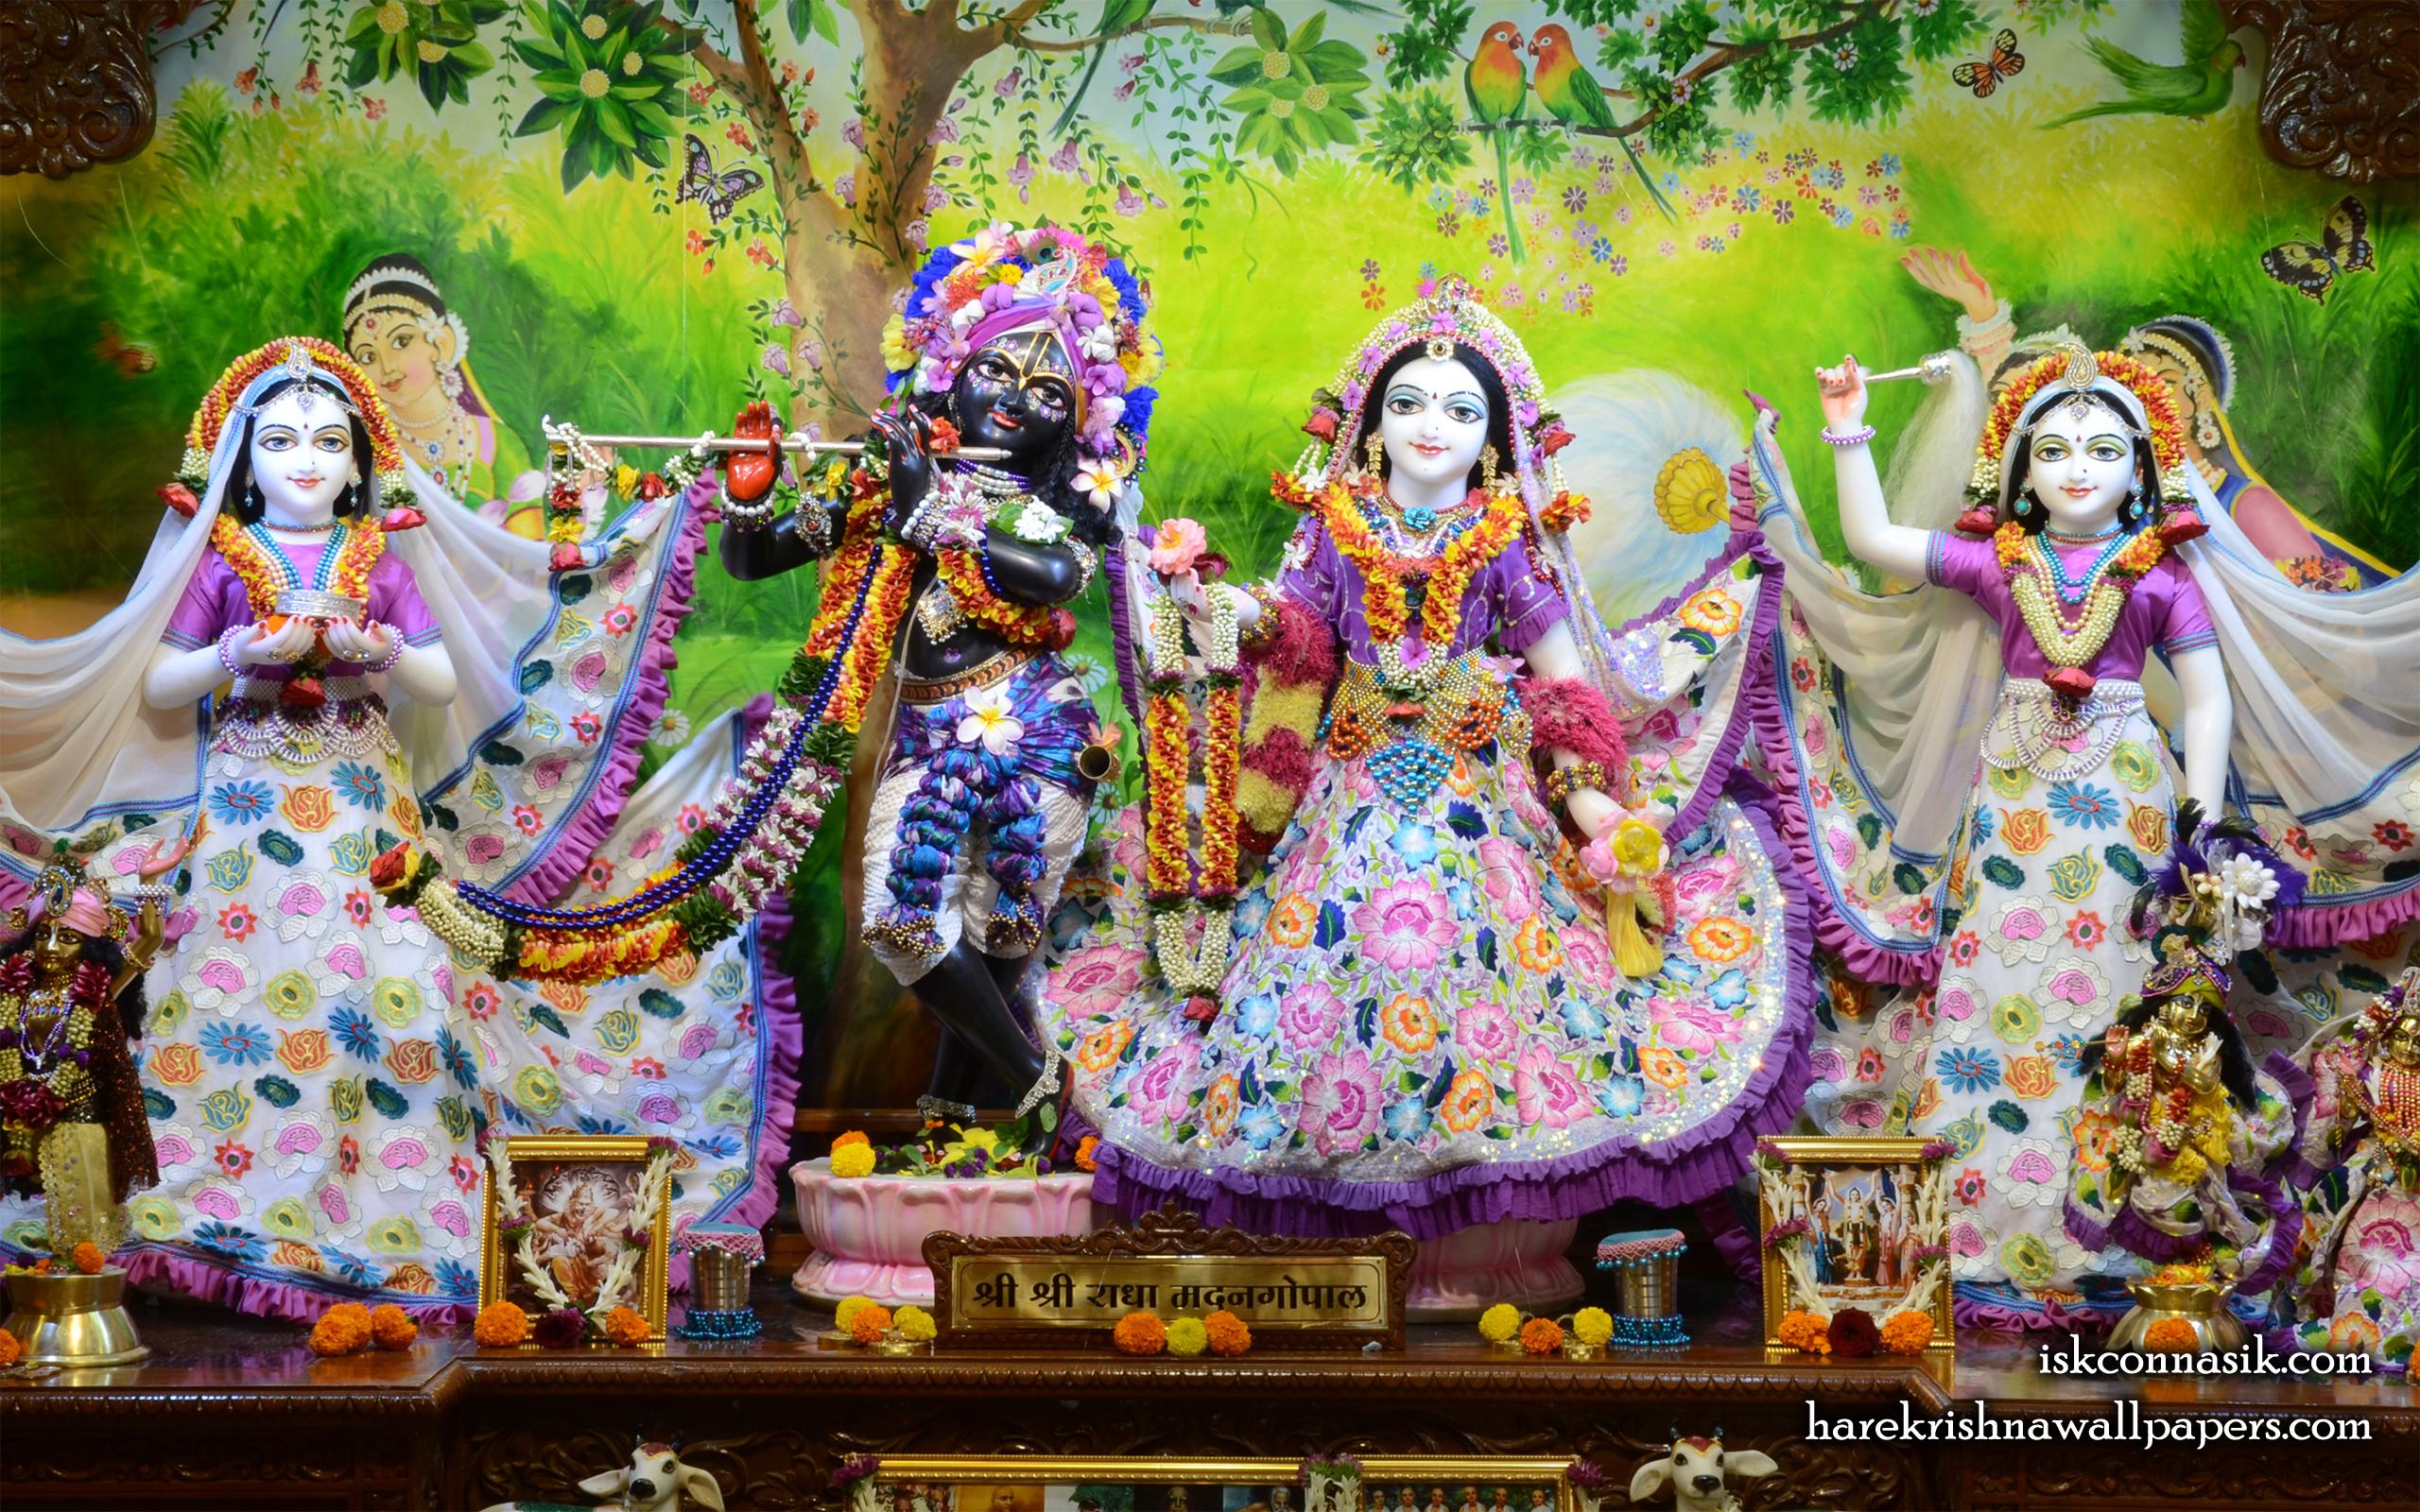 Sri Sri Radha Madan Gopal Lalita Vishakha Wallpaper (003) Size 2560x1600 Download